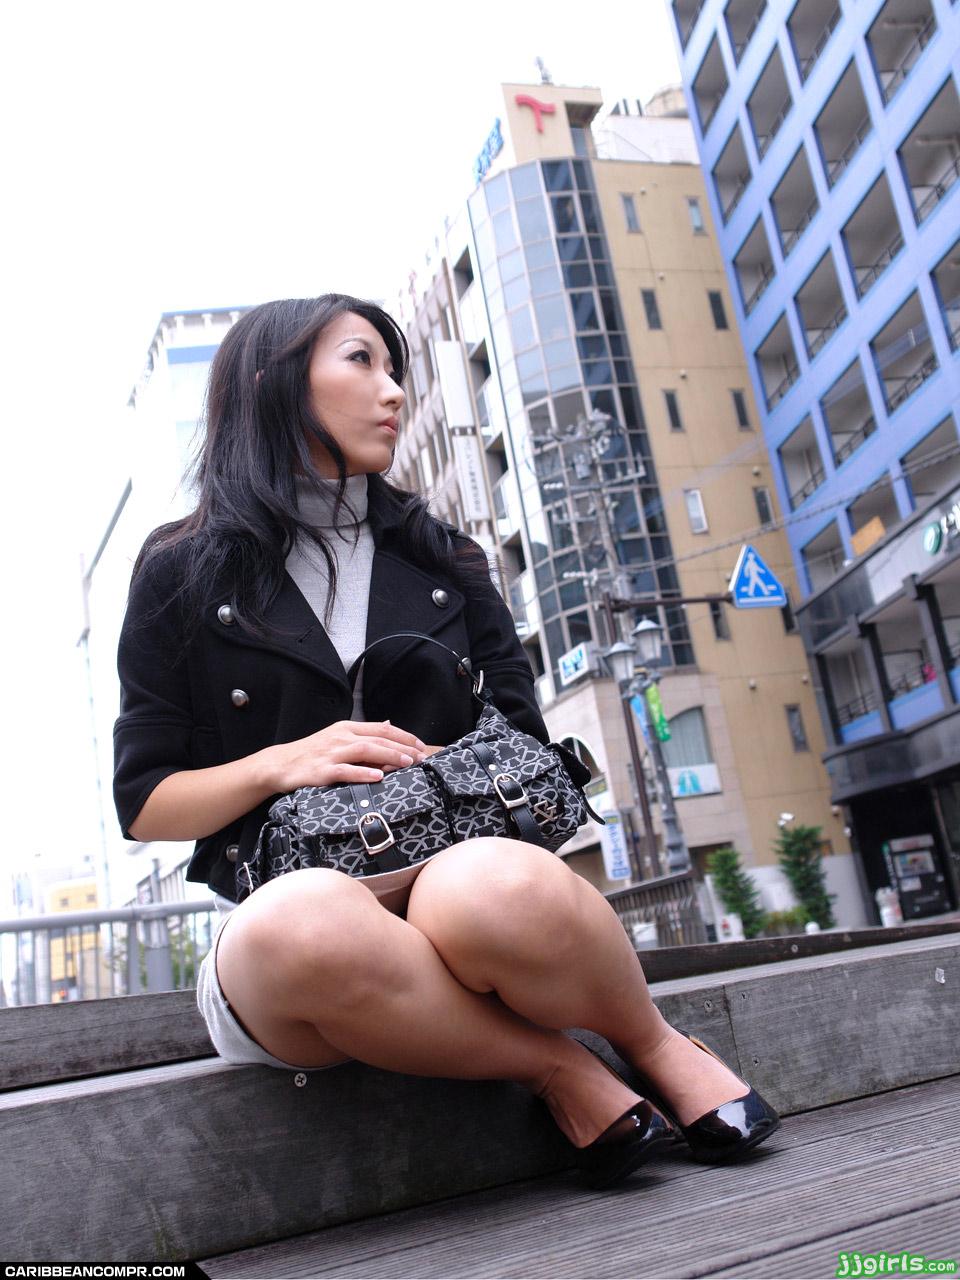 Tatsumi yui yui bukkake - 3 part 7